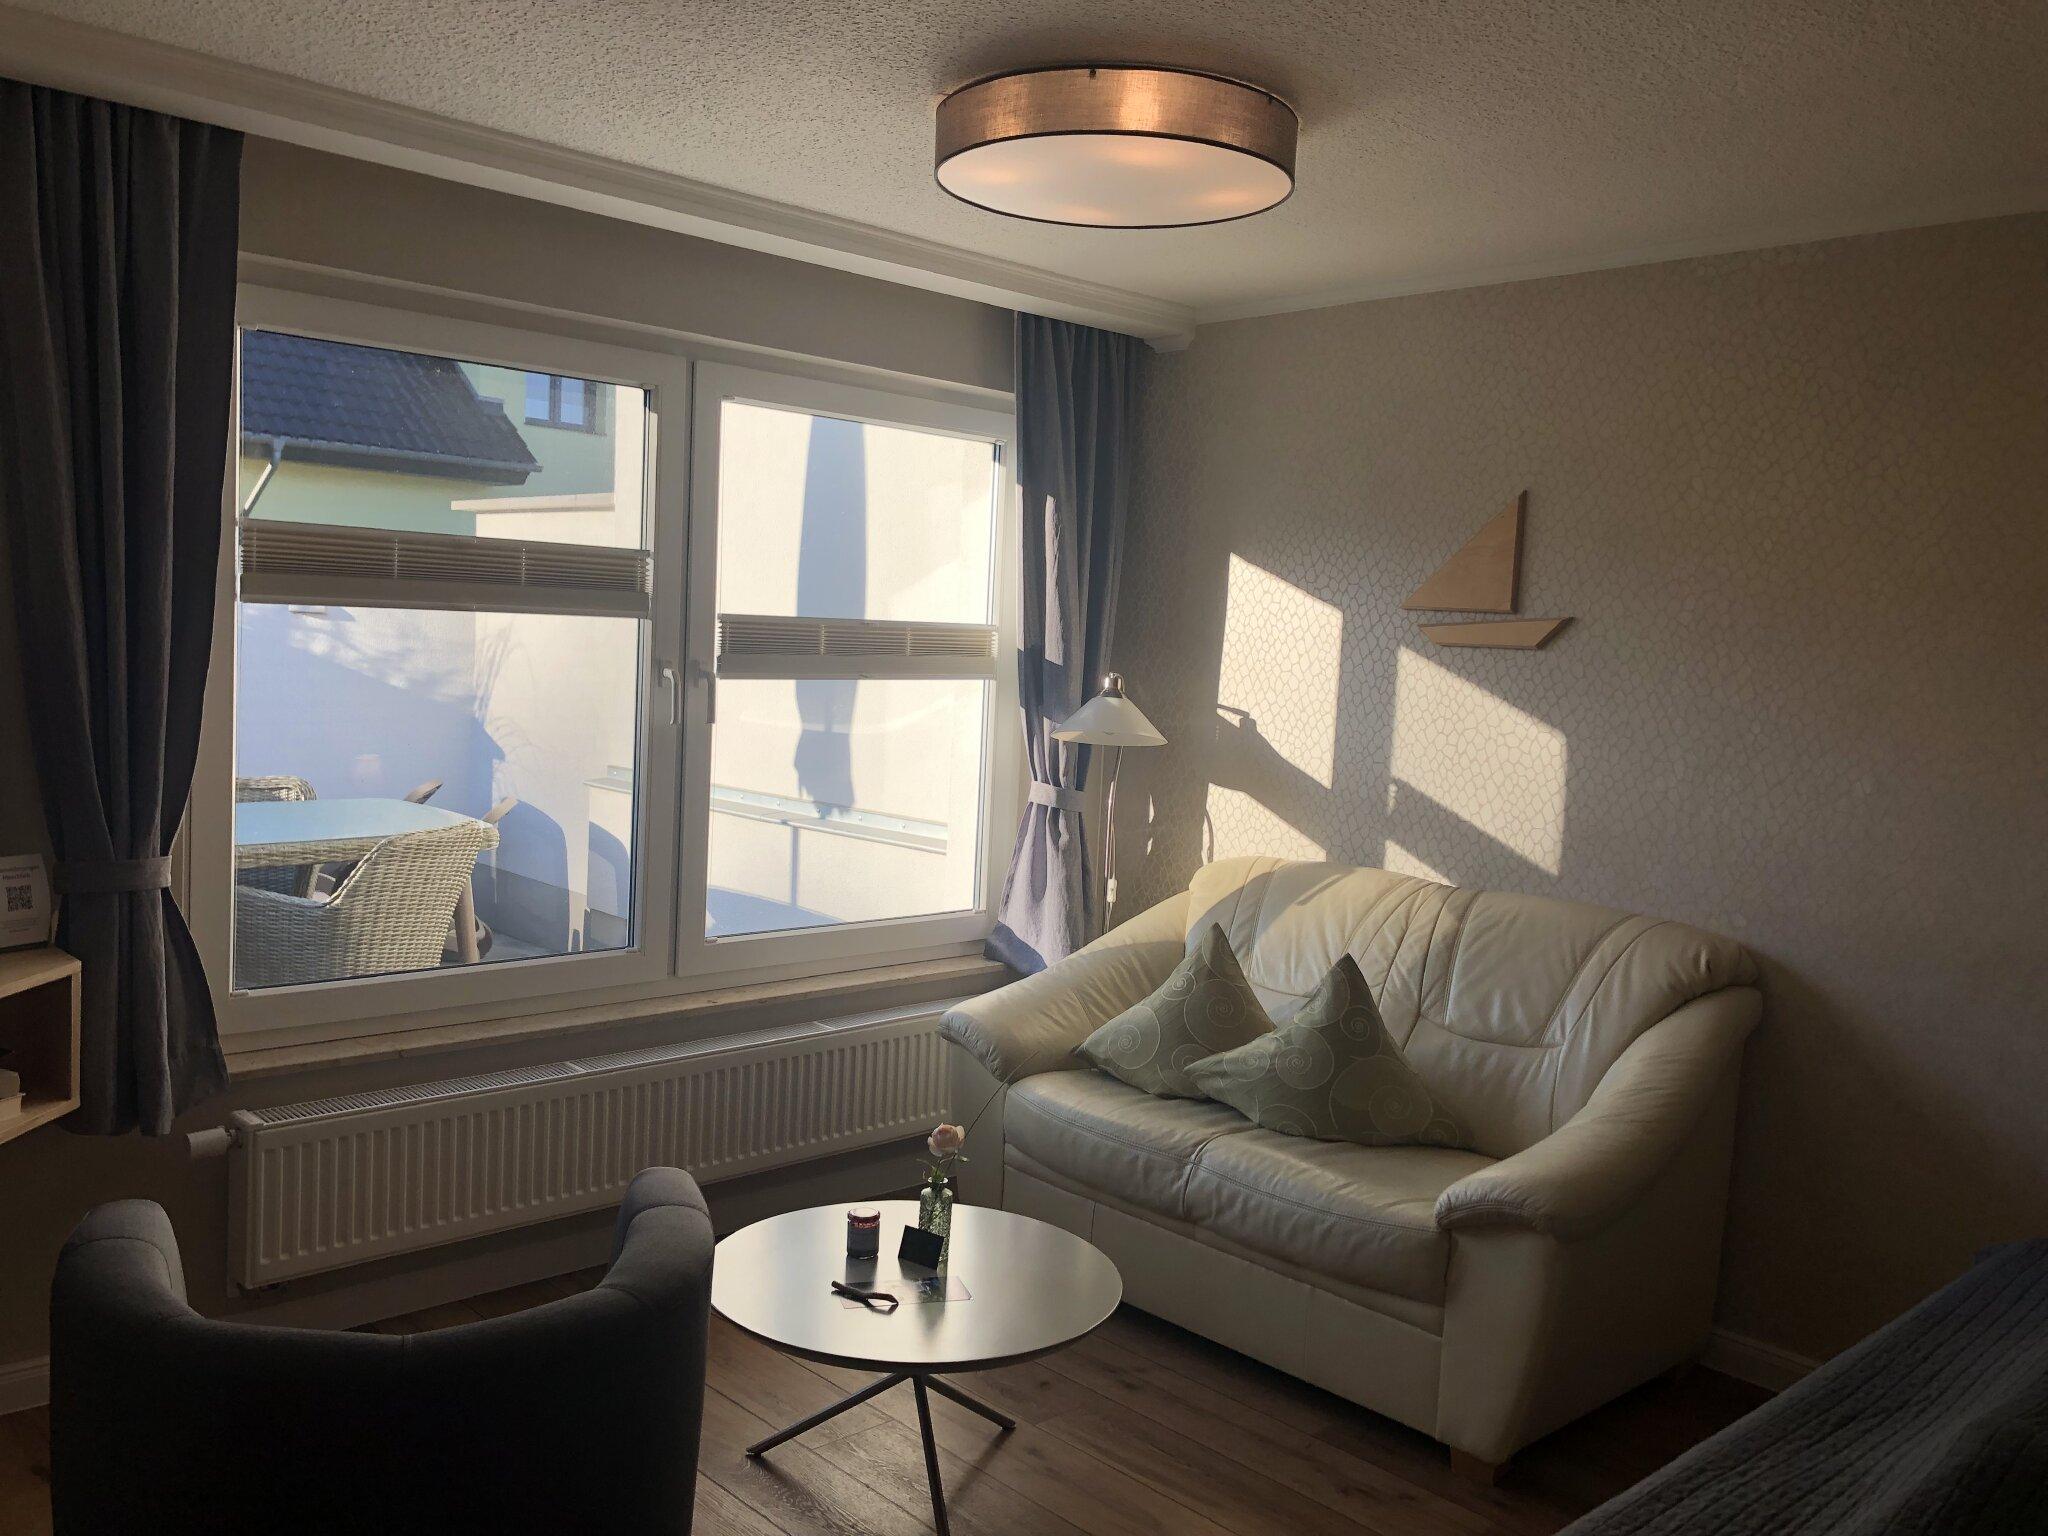 ferienwohnungen meerblick wohnung 30 qm in k gsdorf mecklenburg vorpommern windzio. Black Bedroom Furniture Sets. Home Design Ideas